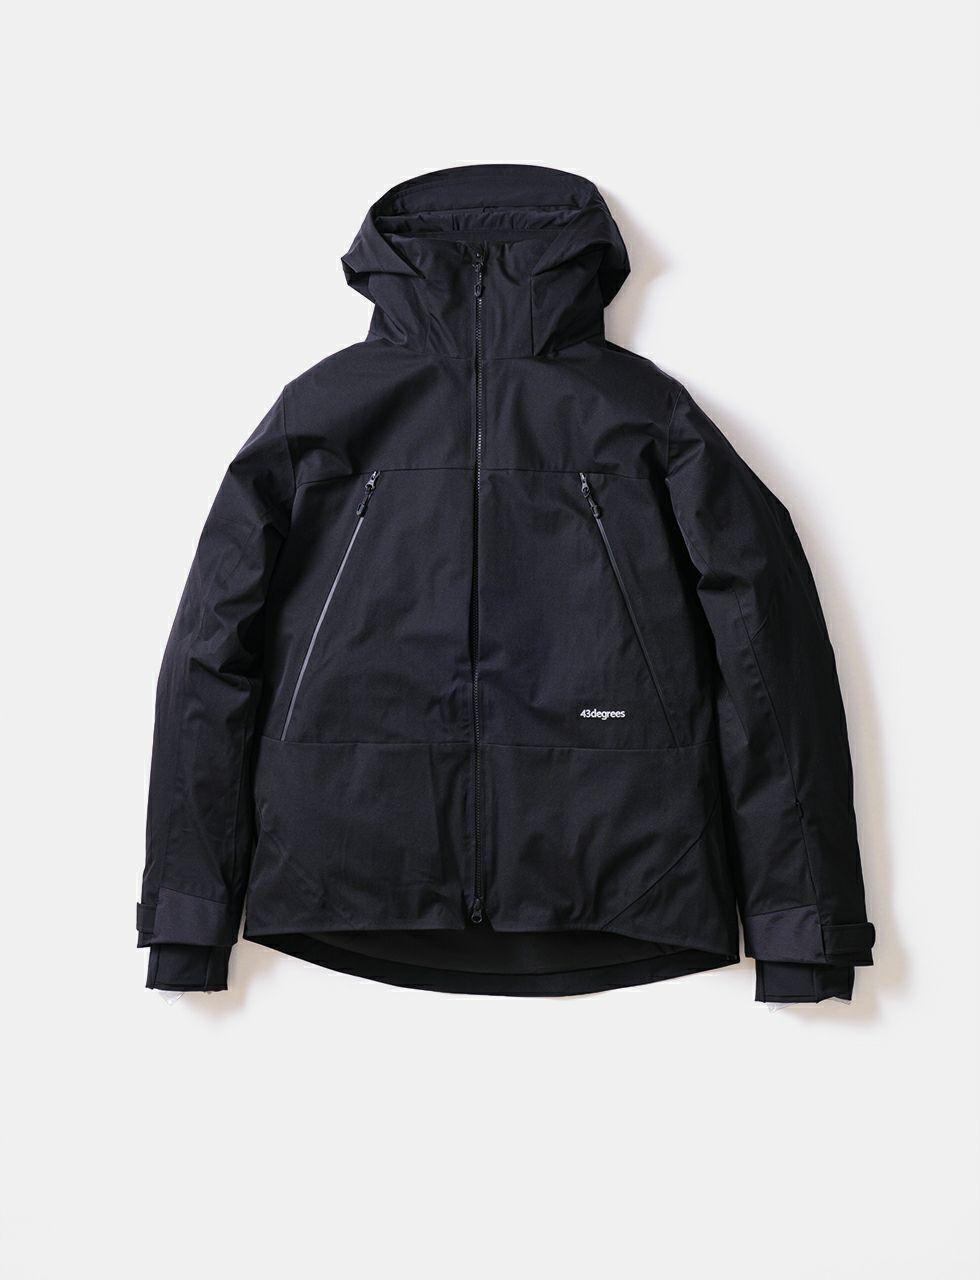 2020-21モデル Peak Jacket スノーボードウェア ピークジャケット